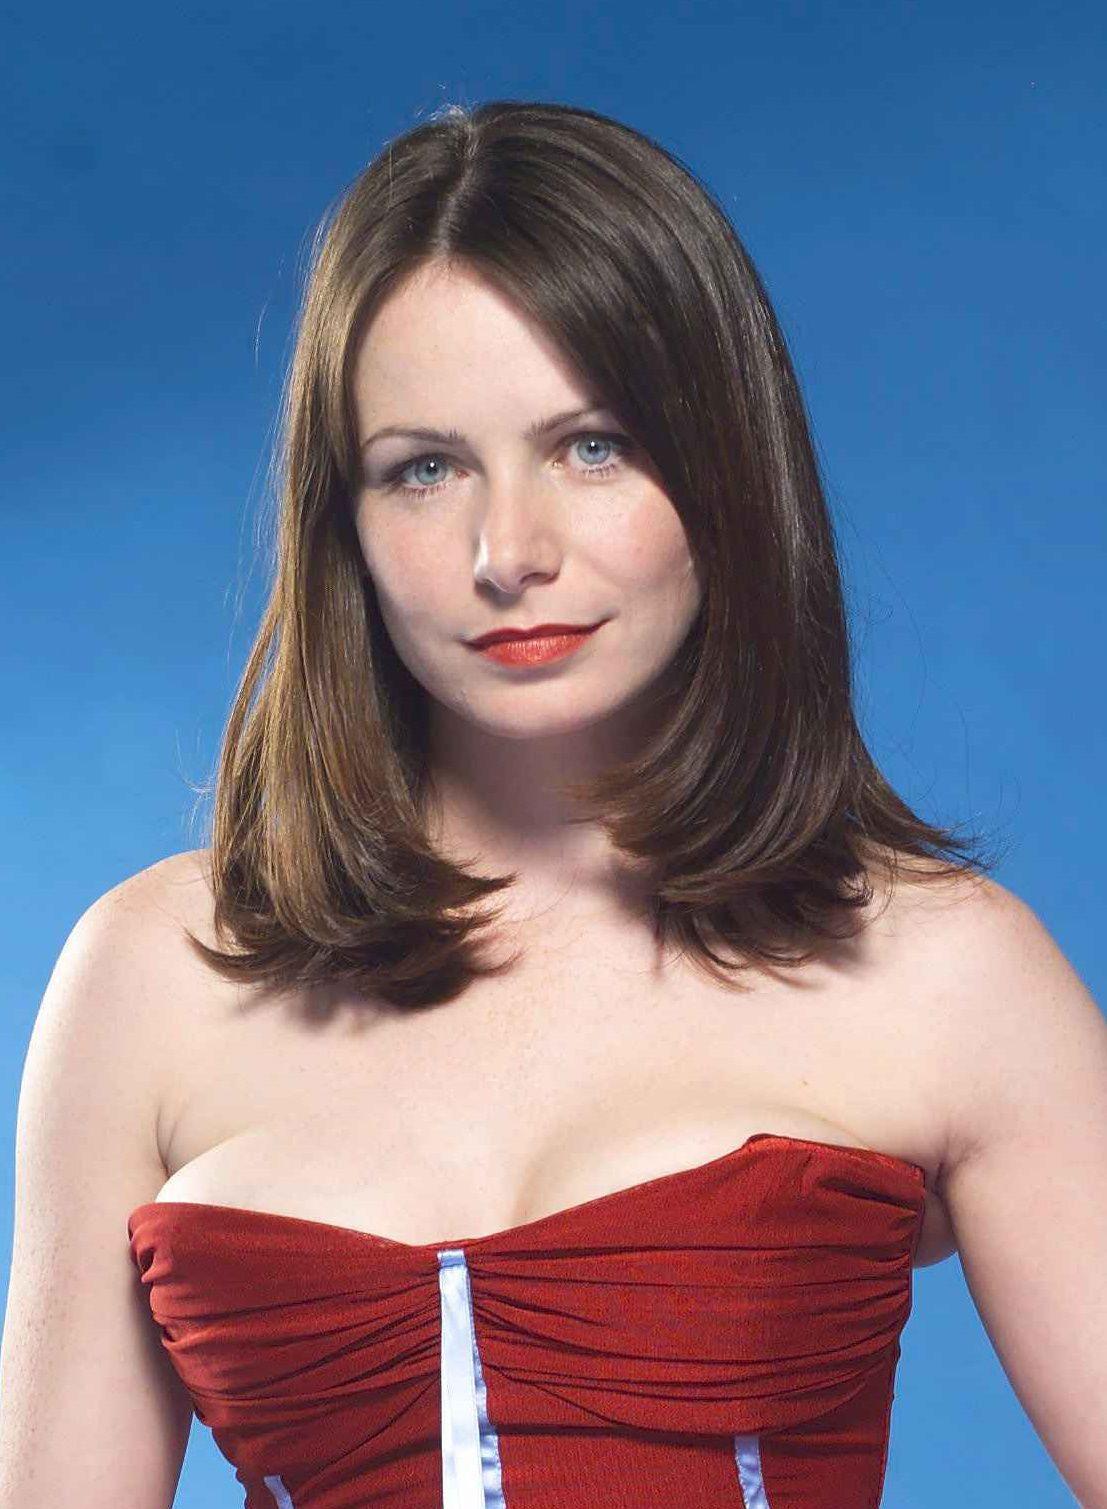 Clare Calbraith oynadığı dizi filmler - Diziler.com